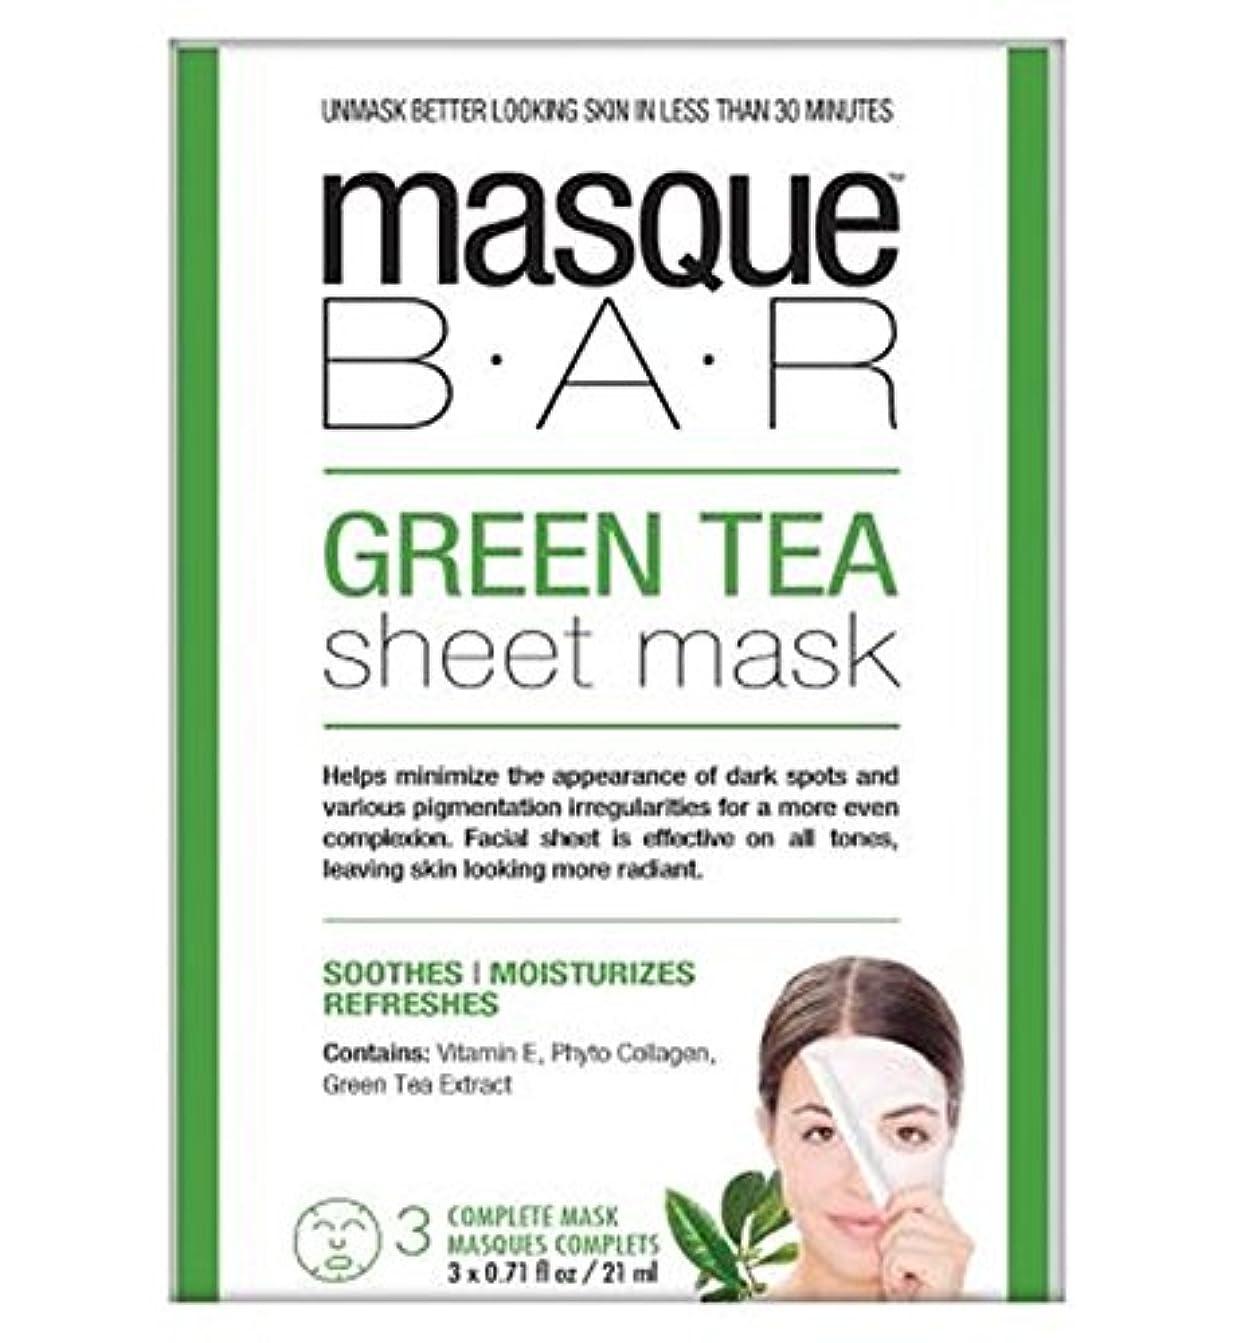 簡単にきらめき調査仮面劇バー緑茶シートマスク - 3完全なマスク (P6B Masque Bar Bt) (x2) - Masque Bar Green Tea Sheet Mask - 3 complete masks (Pack of...